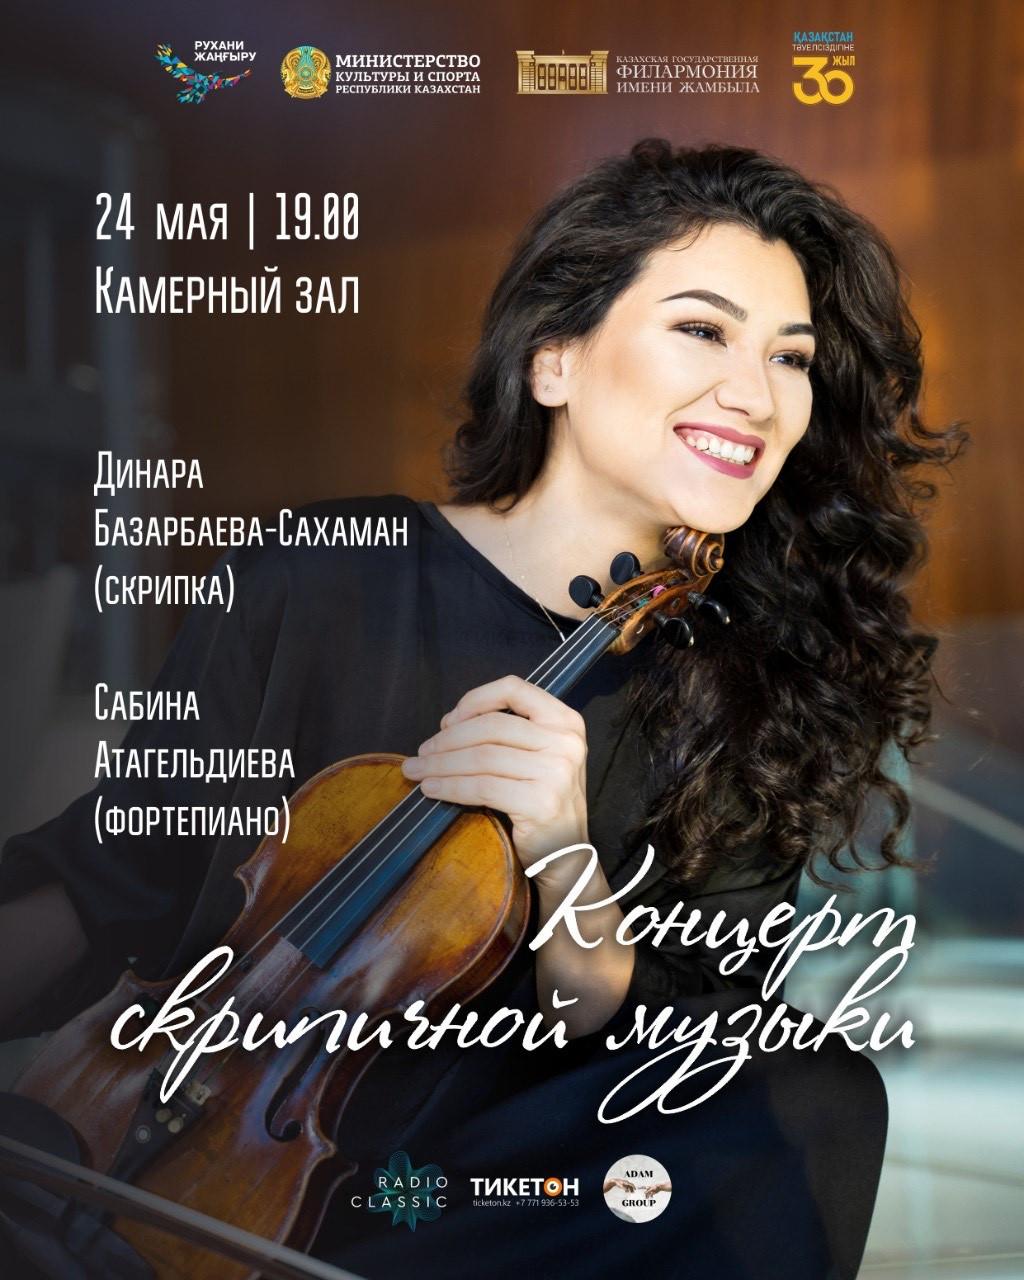 Концерт скрипичной музыки/Филармония Жамбыла